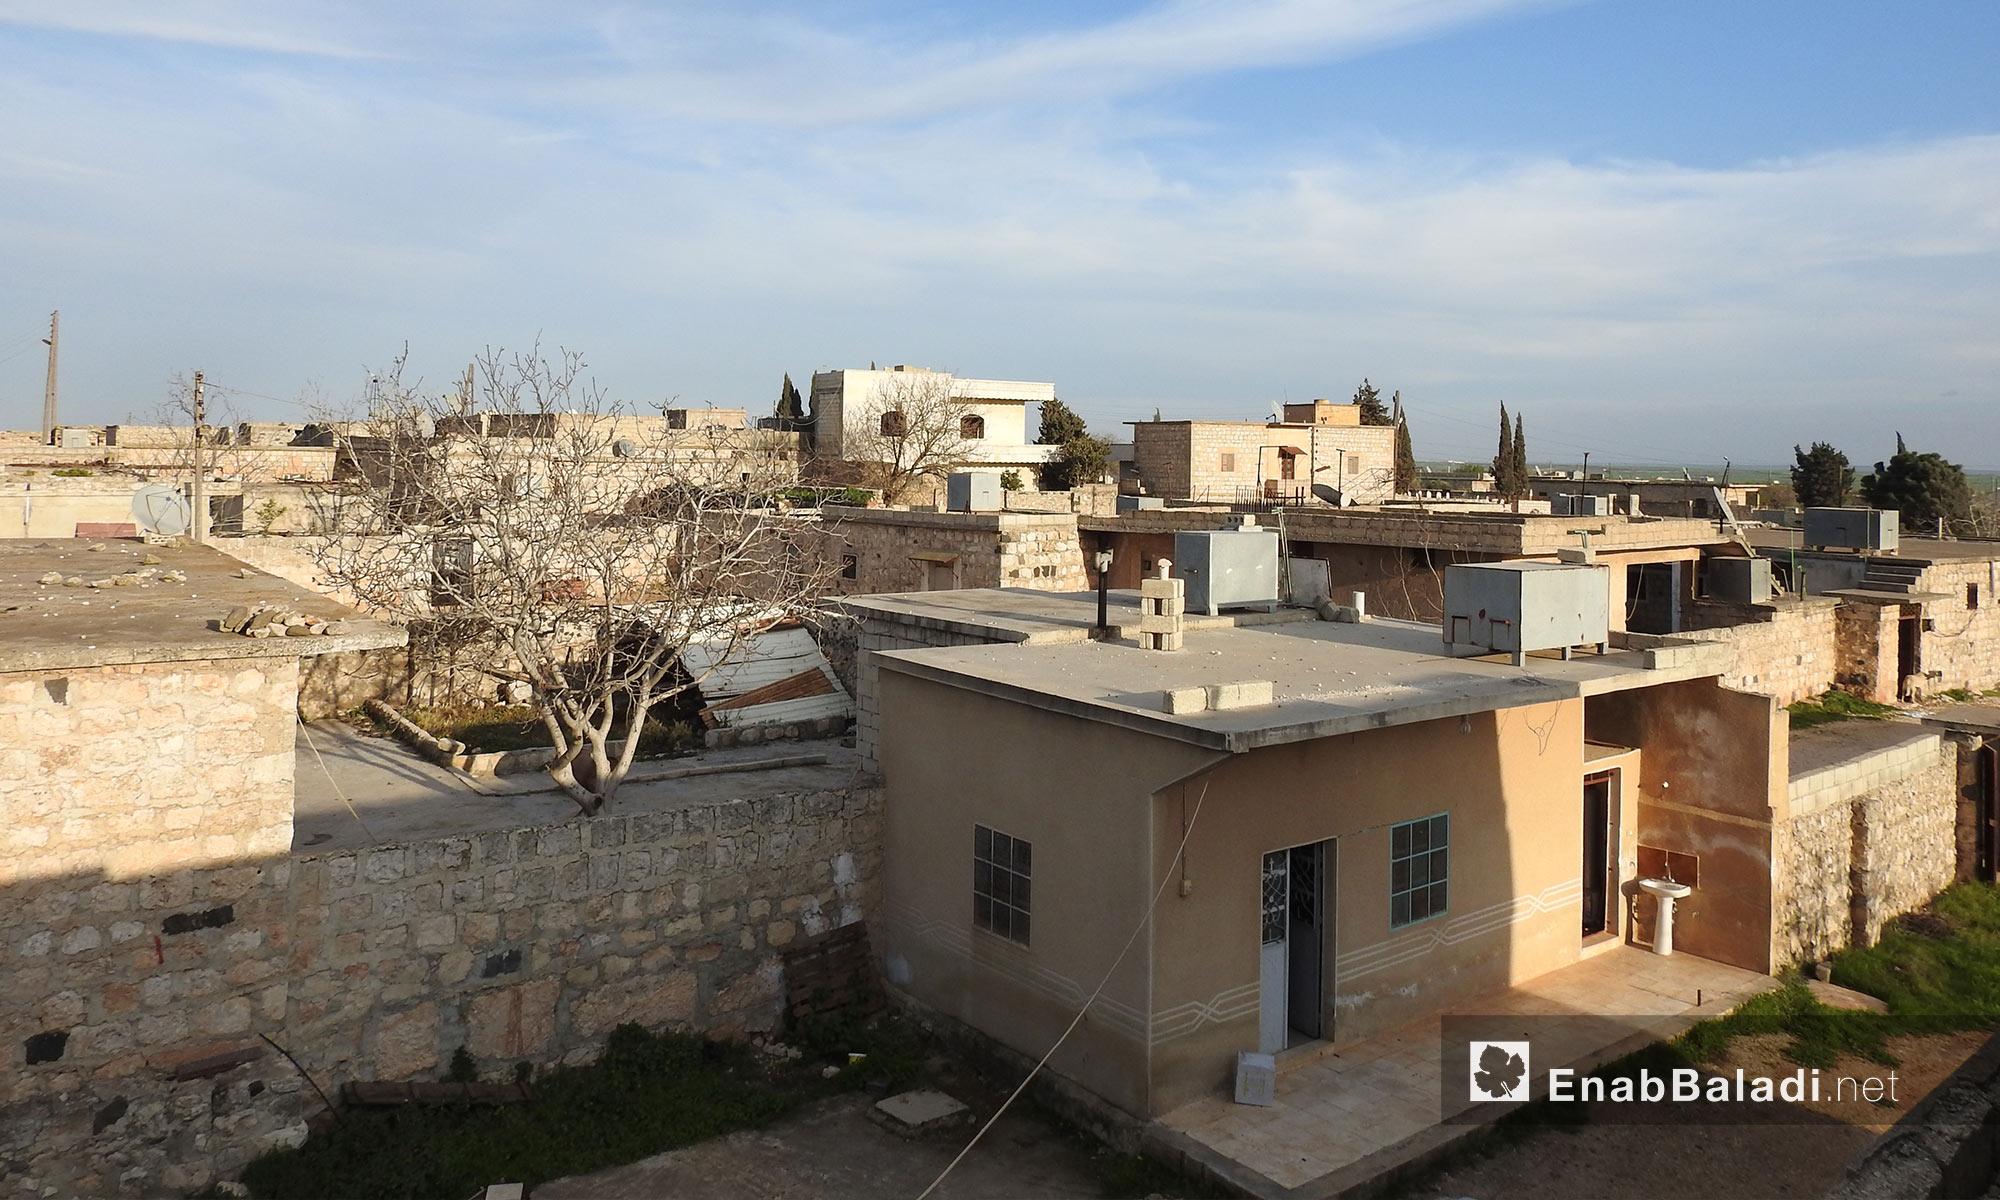 منازل على الطريق بين قرى جلبل ومريمين وأناب في عفرين - 11 آذار 2018 (عنب بلدي)